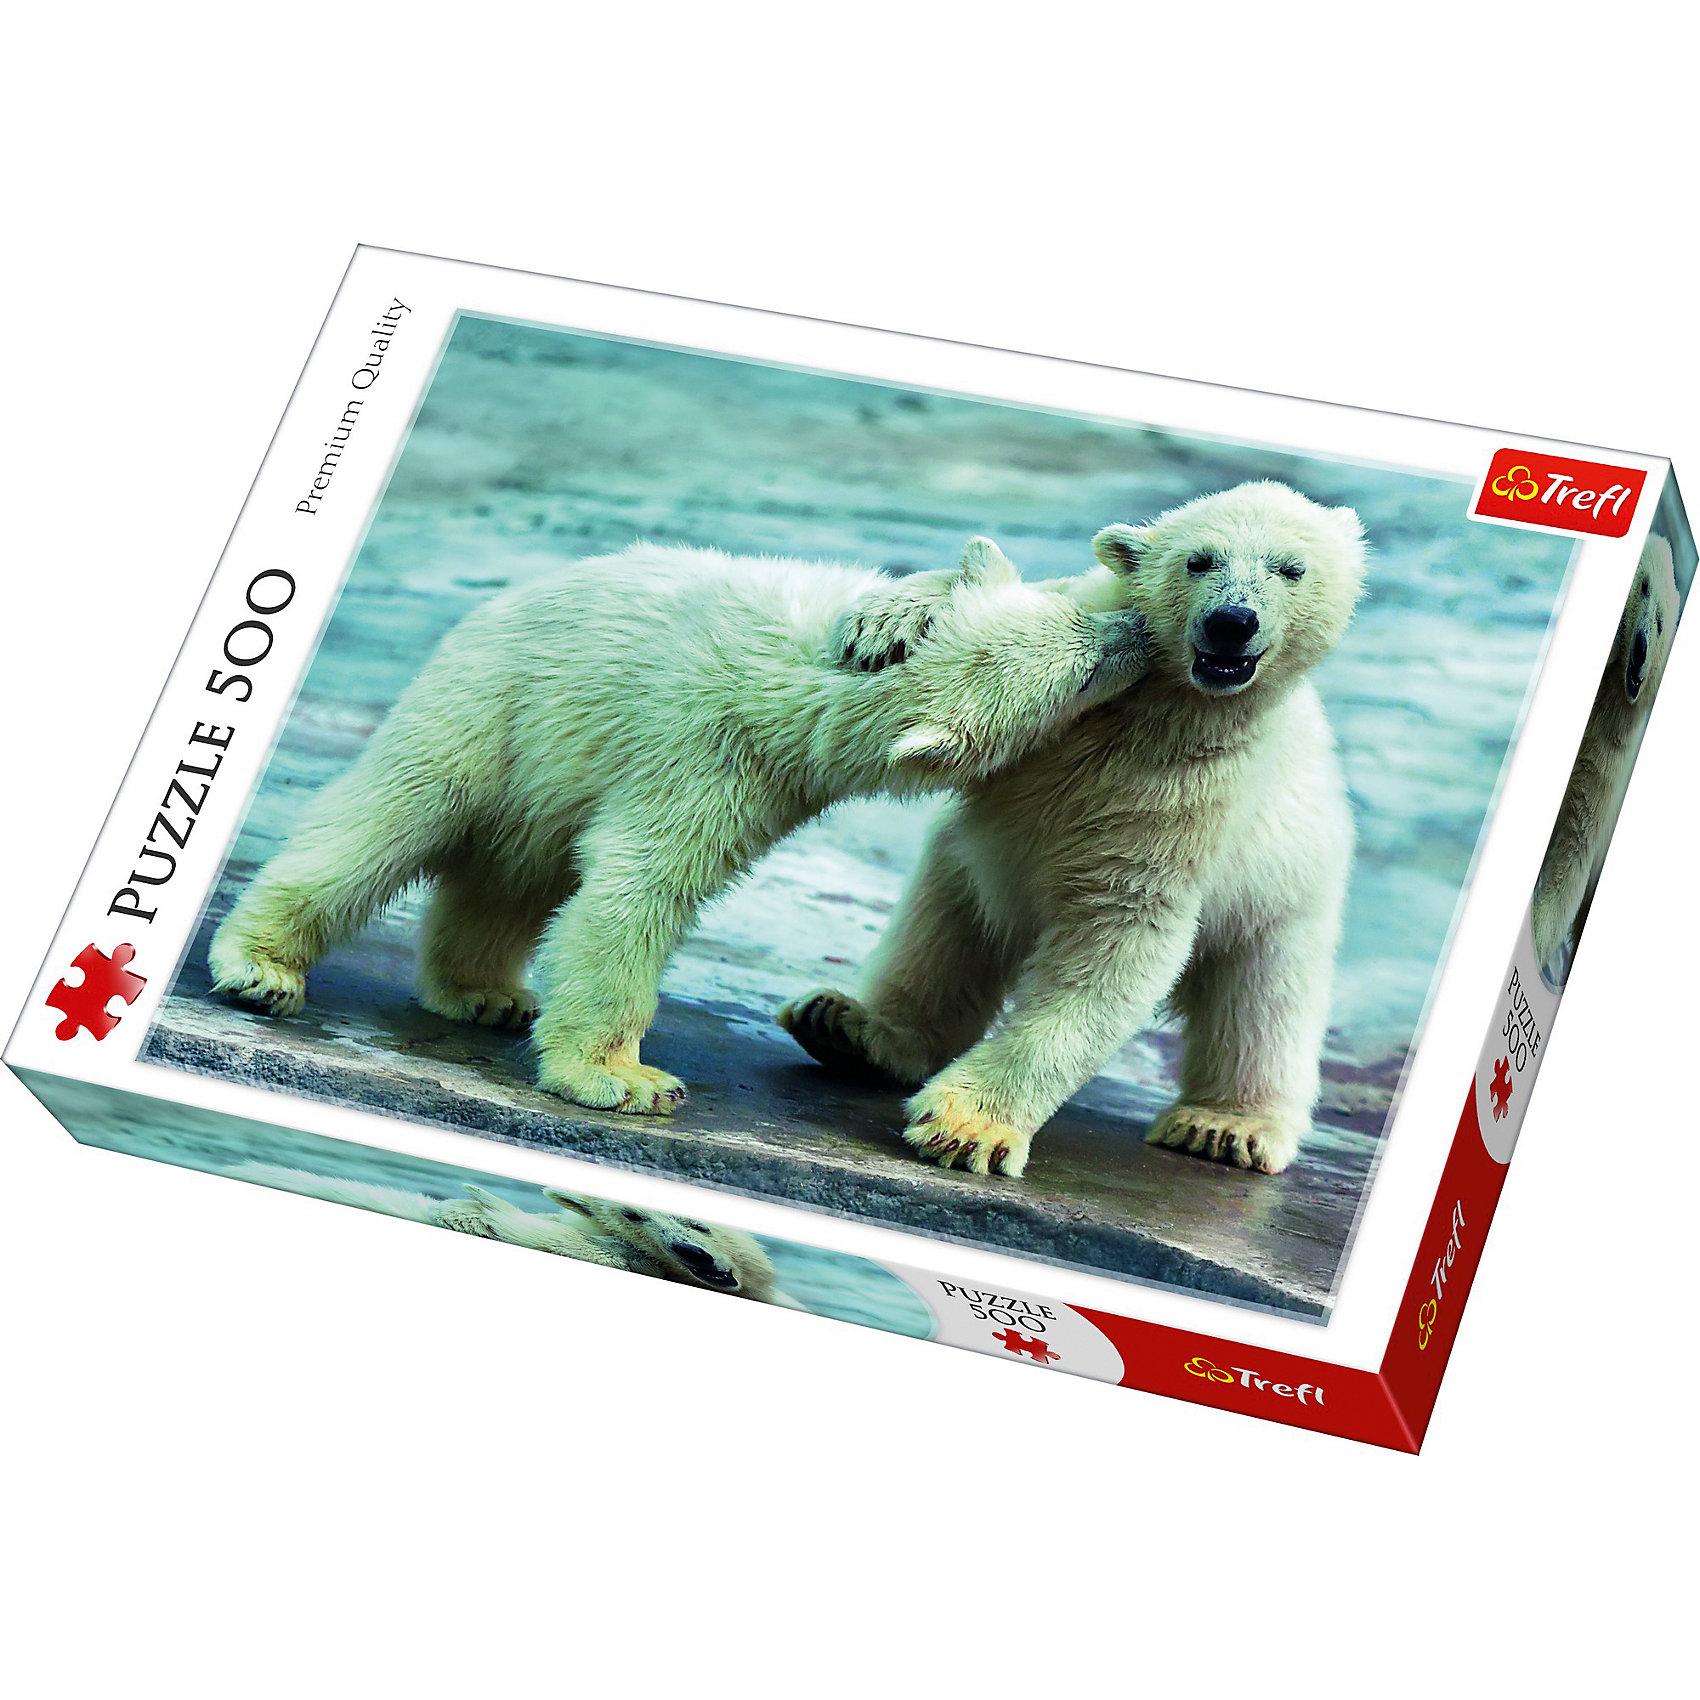 Пазлы Белые медведи, 500 элементовПазлы для детей постарше<br>Пазл с двумя милыми белыми медвежатами привлечет внимание детей и позволит в игровой форме развить множество полезных навыков! Головоломки от польского бренда Trefl славятся высоким качеством материалов и выбором живописных художественных фотографий. Каждая деталь из прочного картона надежно соединяется с соседними, образуя прочную картину. Если готовое изображение закрепить клеем, оно сможет украсить любую комнату вашего дома.  <br><br>Интересная головоломка станет прекрасным вариантом для вечера в компании друзей или семейного досуга.  <br><br>Количество элементов пазла: 500.  <br><br>Размер картинки в собранном виде: 48х34 см.<br><br>Ширина мм: 398<br>Глубина мм: 45<br>Высота мм: 266<br>Вес г: 500<br>Возраст от месяцев: 120<br>Возраст до месяцев: 2147483647<br>Пол: Унисекс<br>Возраст: Детский<br>SKU: 7126386